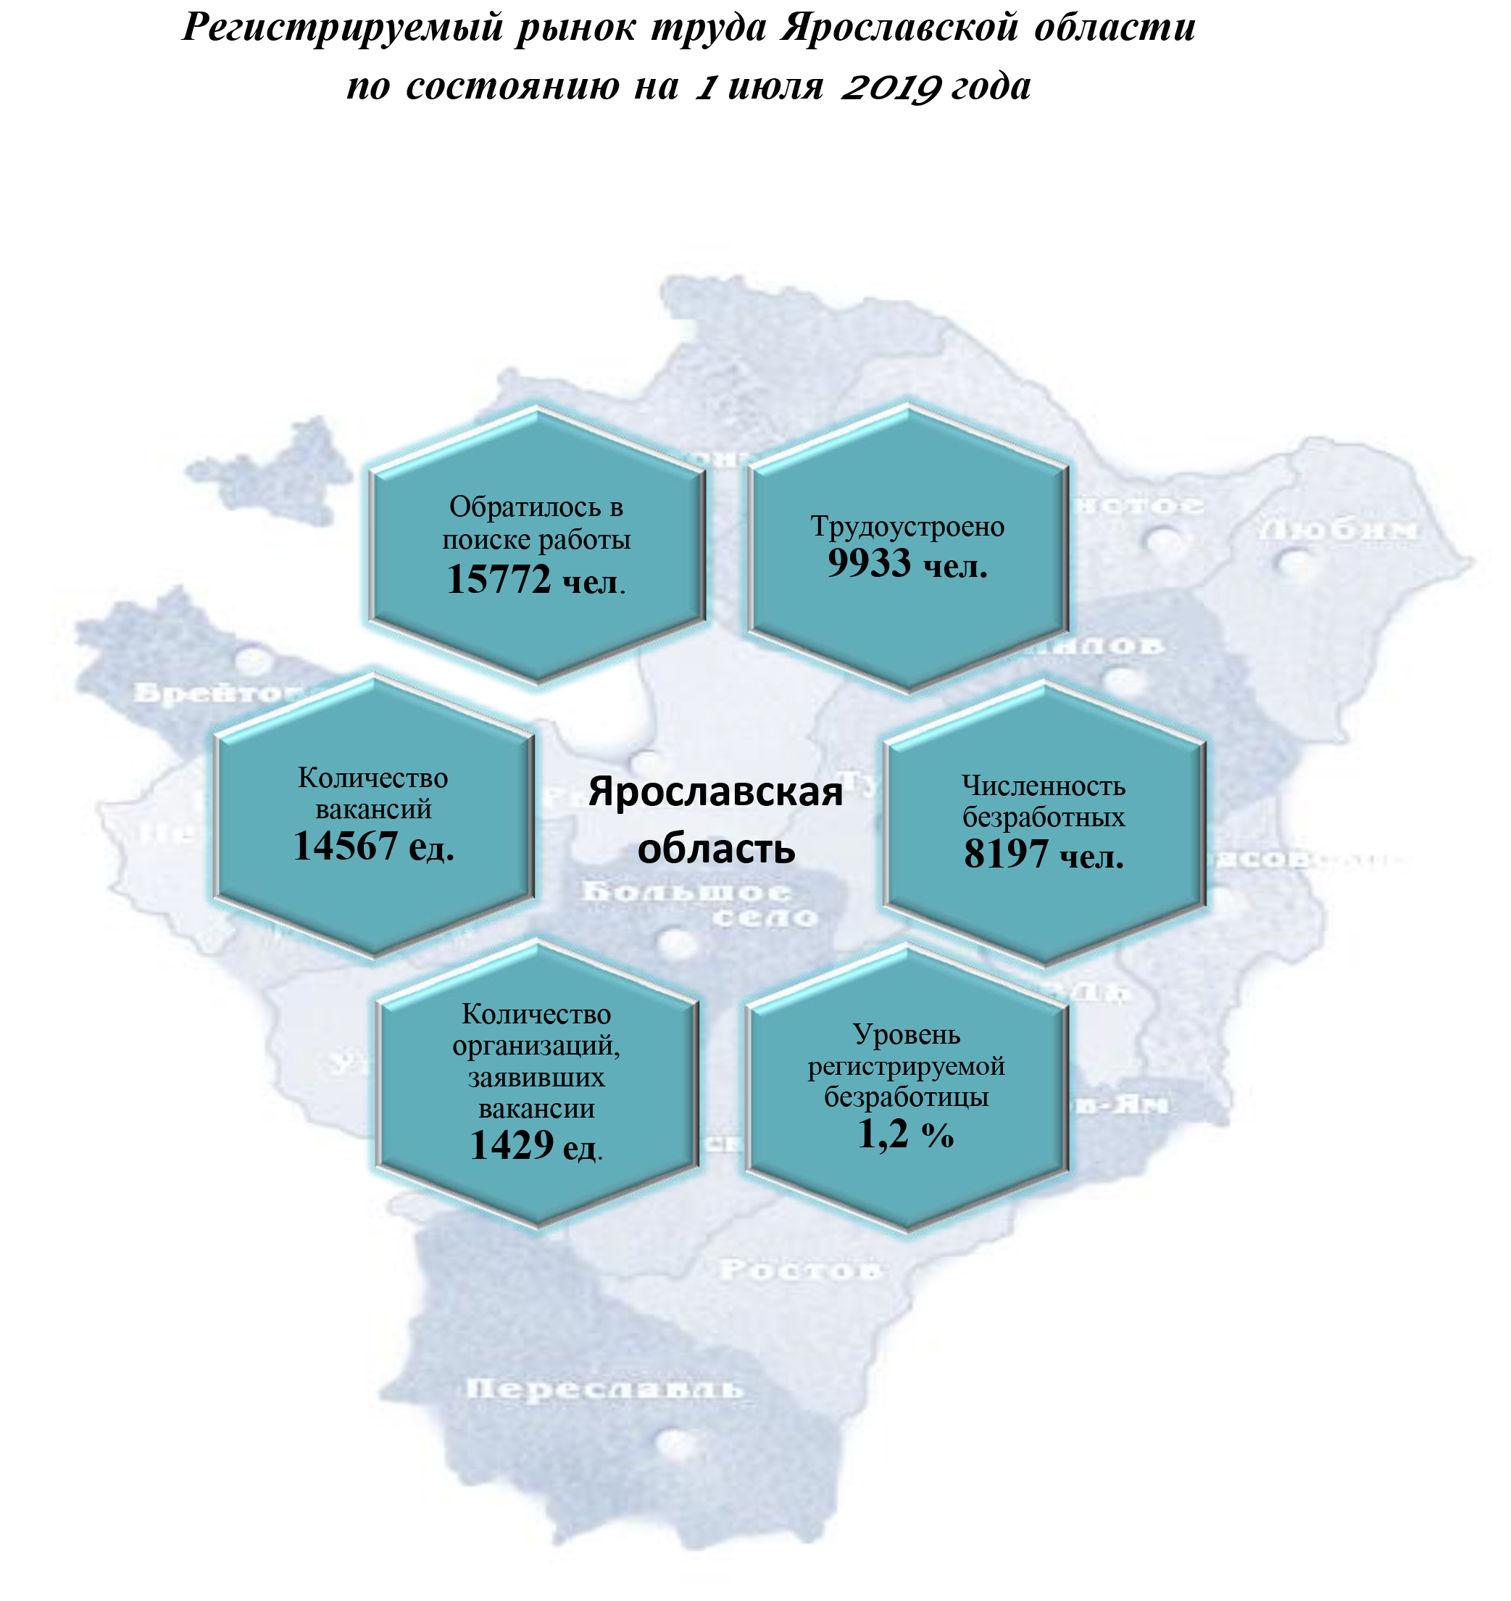 Названо число официально зарегистрированных безработных в Ярославской области